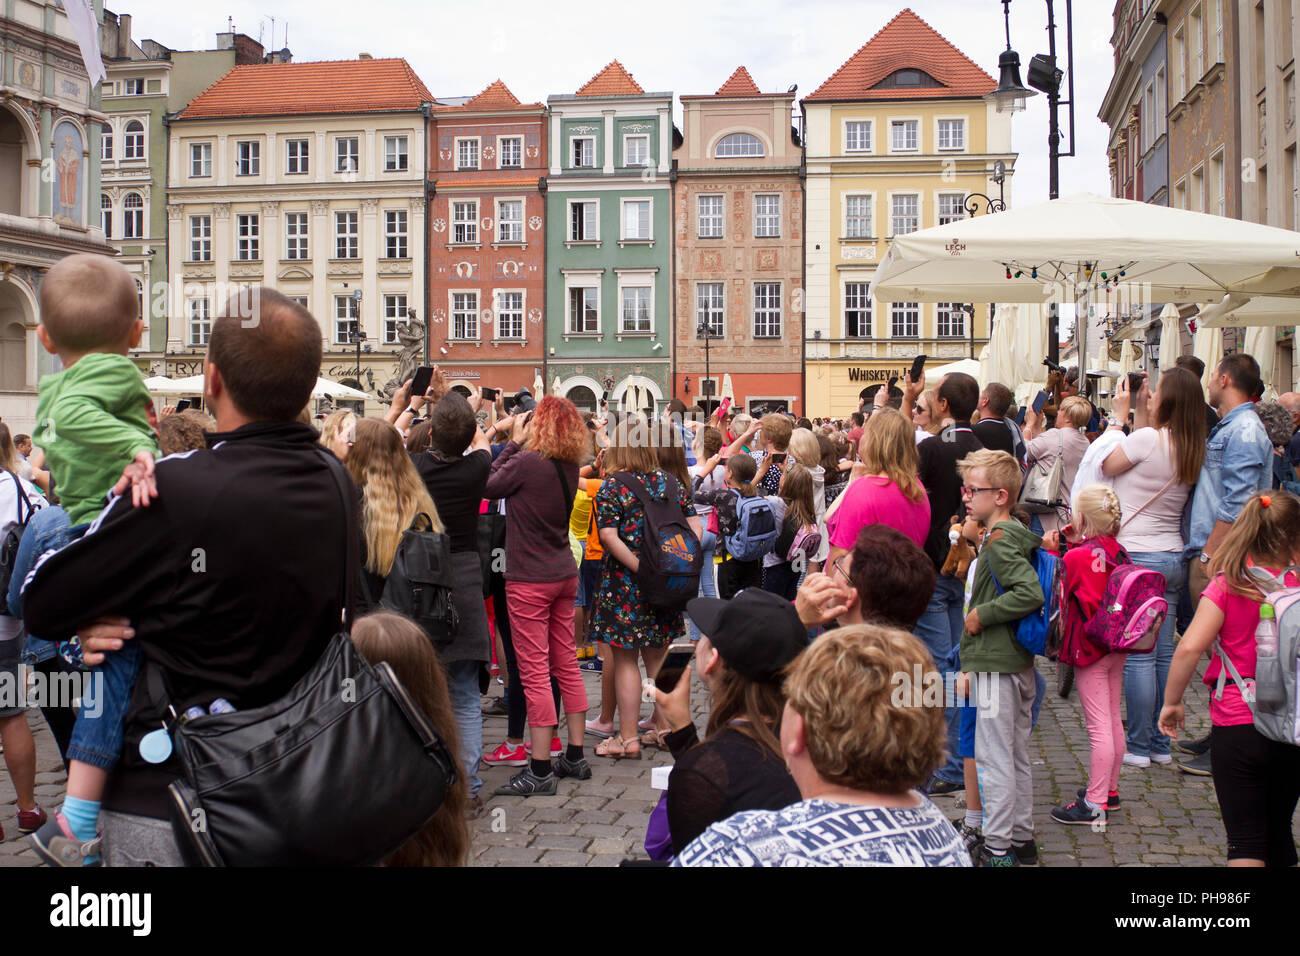 Los turistas están viendo un Poznan cabras - el atractivo turístico de Poznan, disponible todos los días a mediodía en la torre del ayuntamiento de Poznan. Imagen De Stock